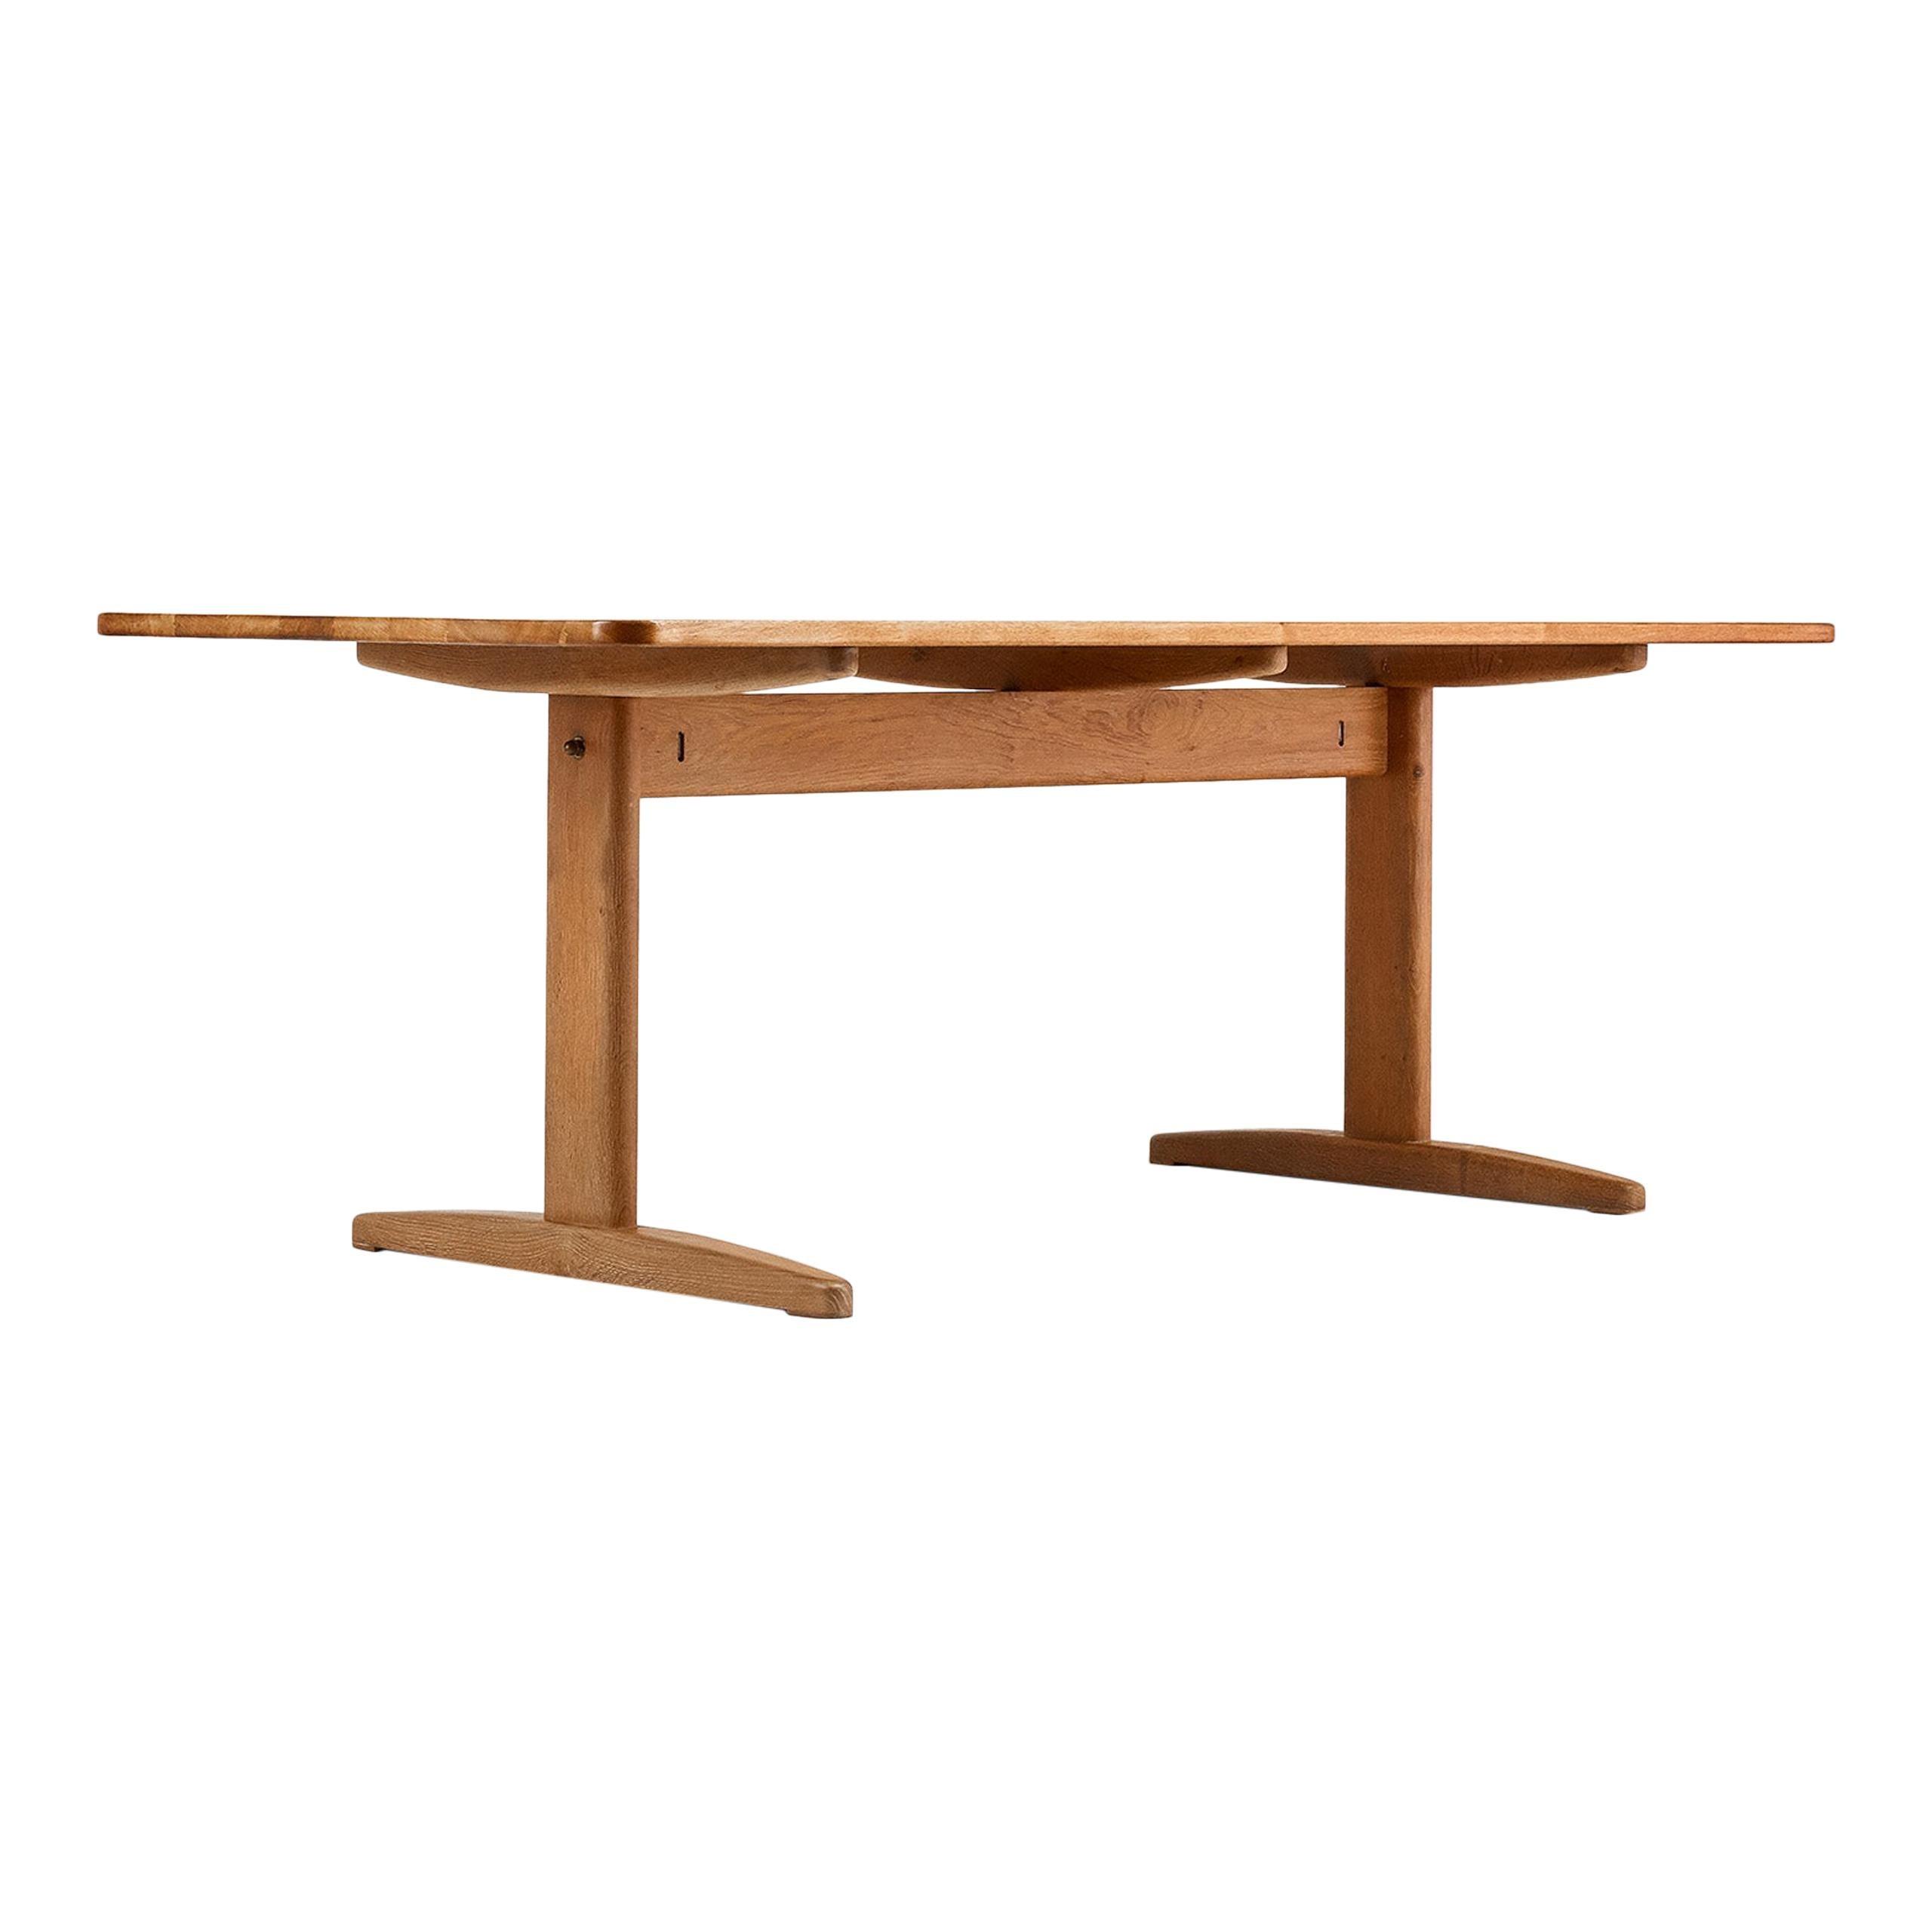 Børge Mogensen Oak Dining Table for C.M. Madsen, Denmark, circa 1960